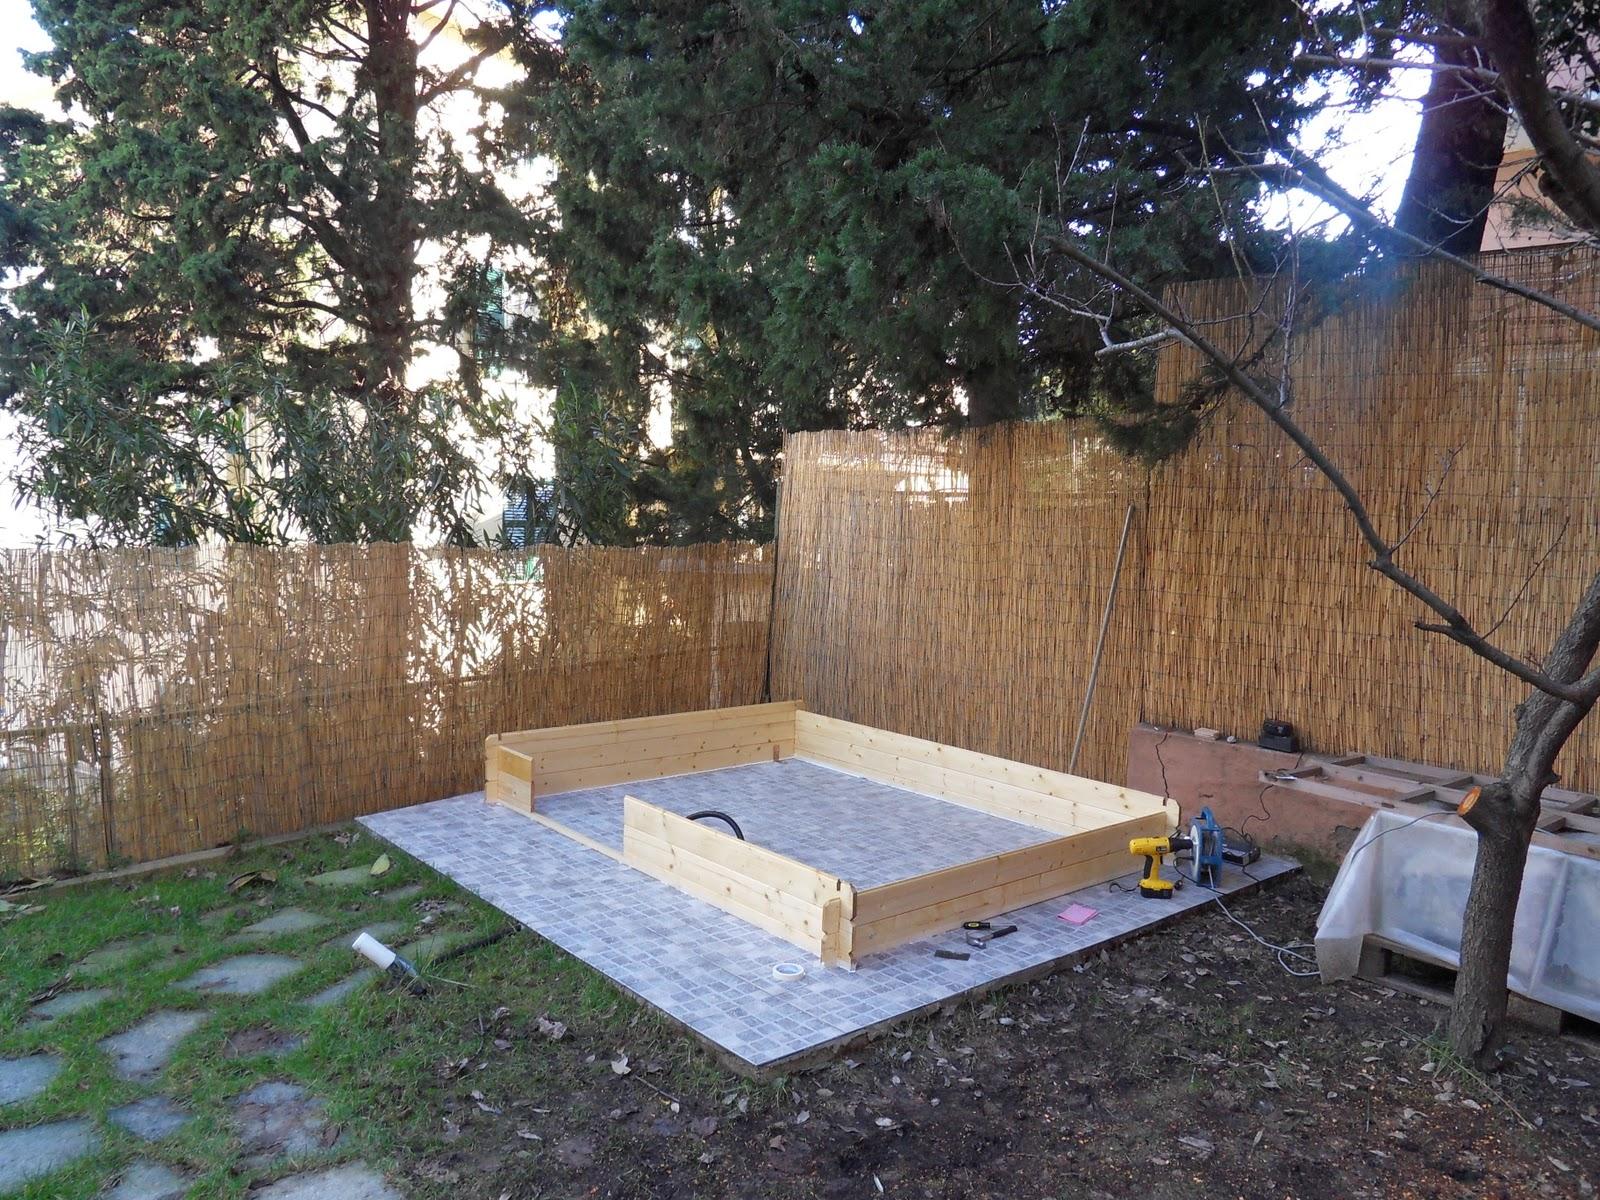 Il tuo architetto a genova casette di legno arredano il giardino